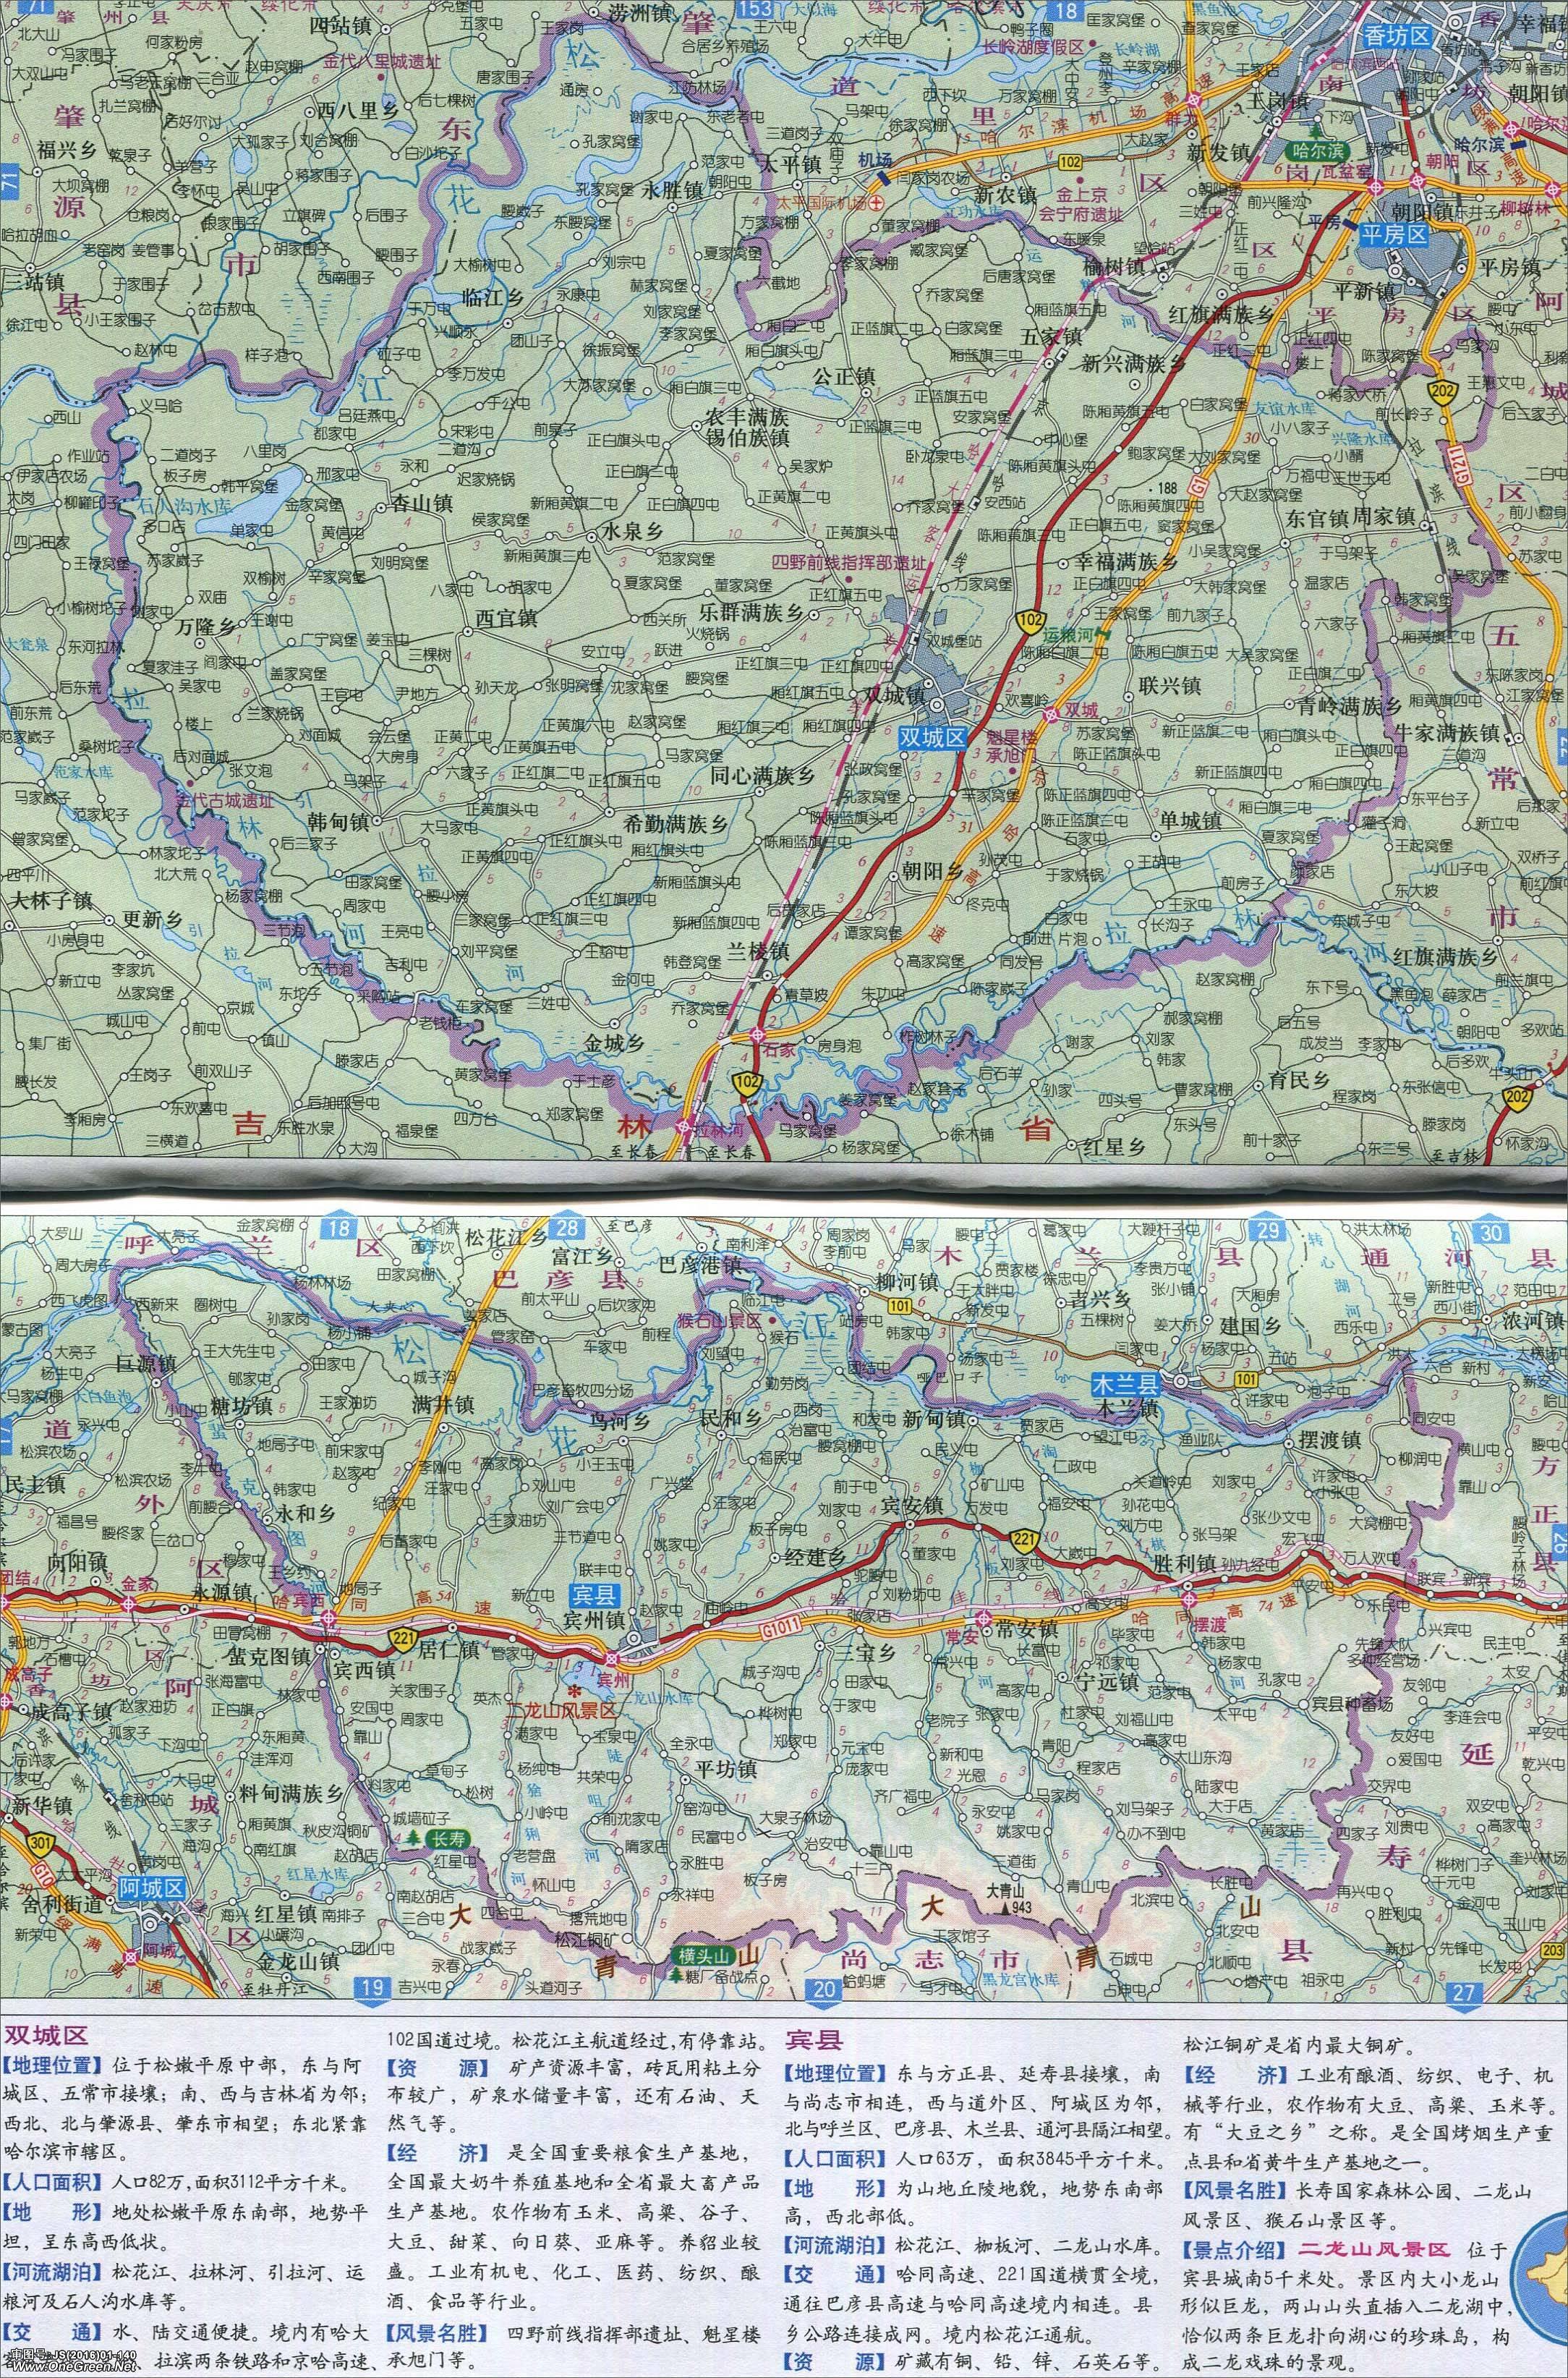 中国各地 | 返回首页 栏目导航:哈尔滨  黑河  齐齐哈尔  鸡西  鹤岗